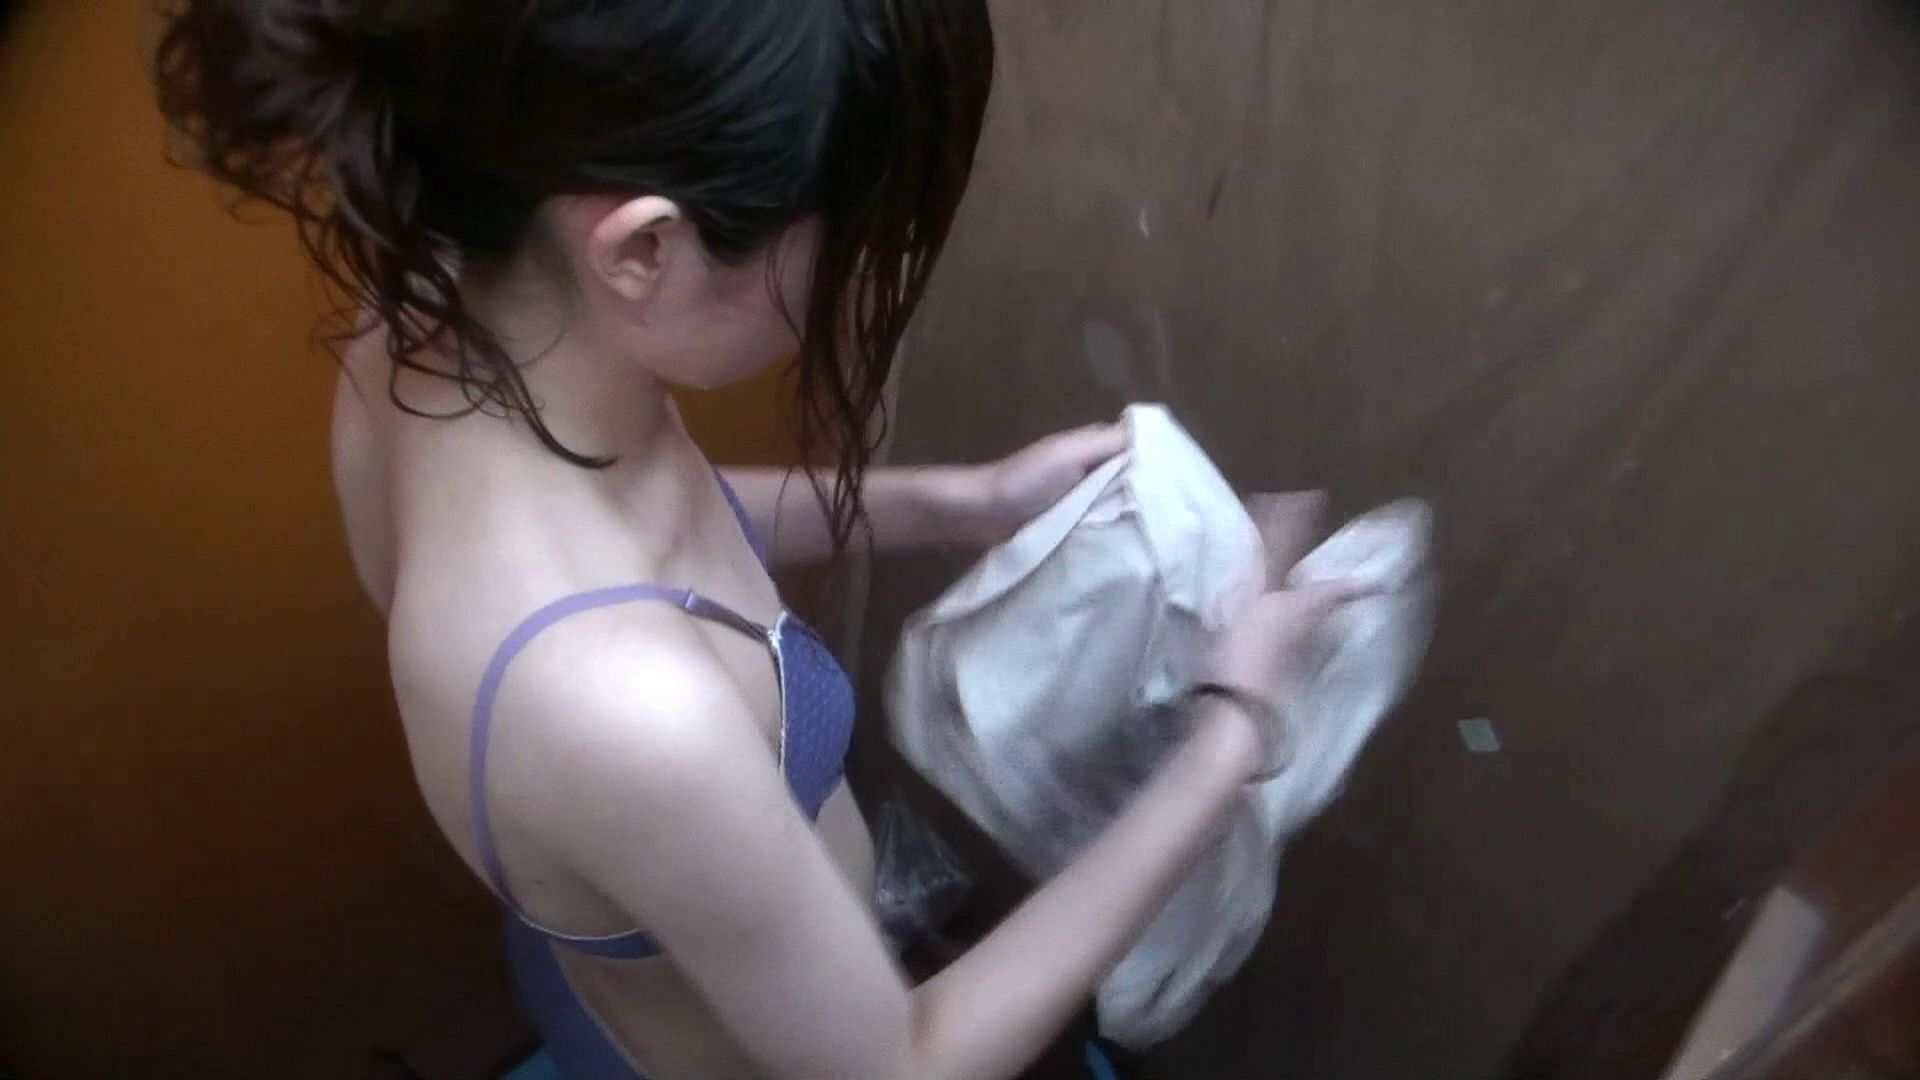 シャワールームは超!!危険な香りVol.29 こっちを向いて欲しい貧乳姉さん 貧乳 AV動画キャプチャ 78pic 75